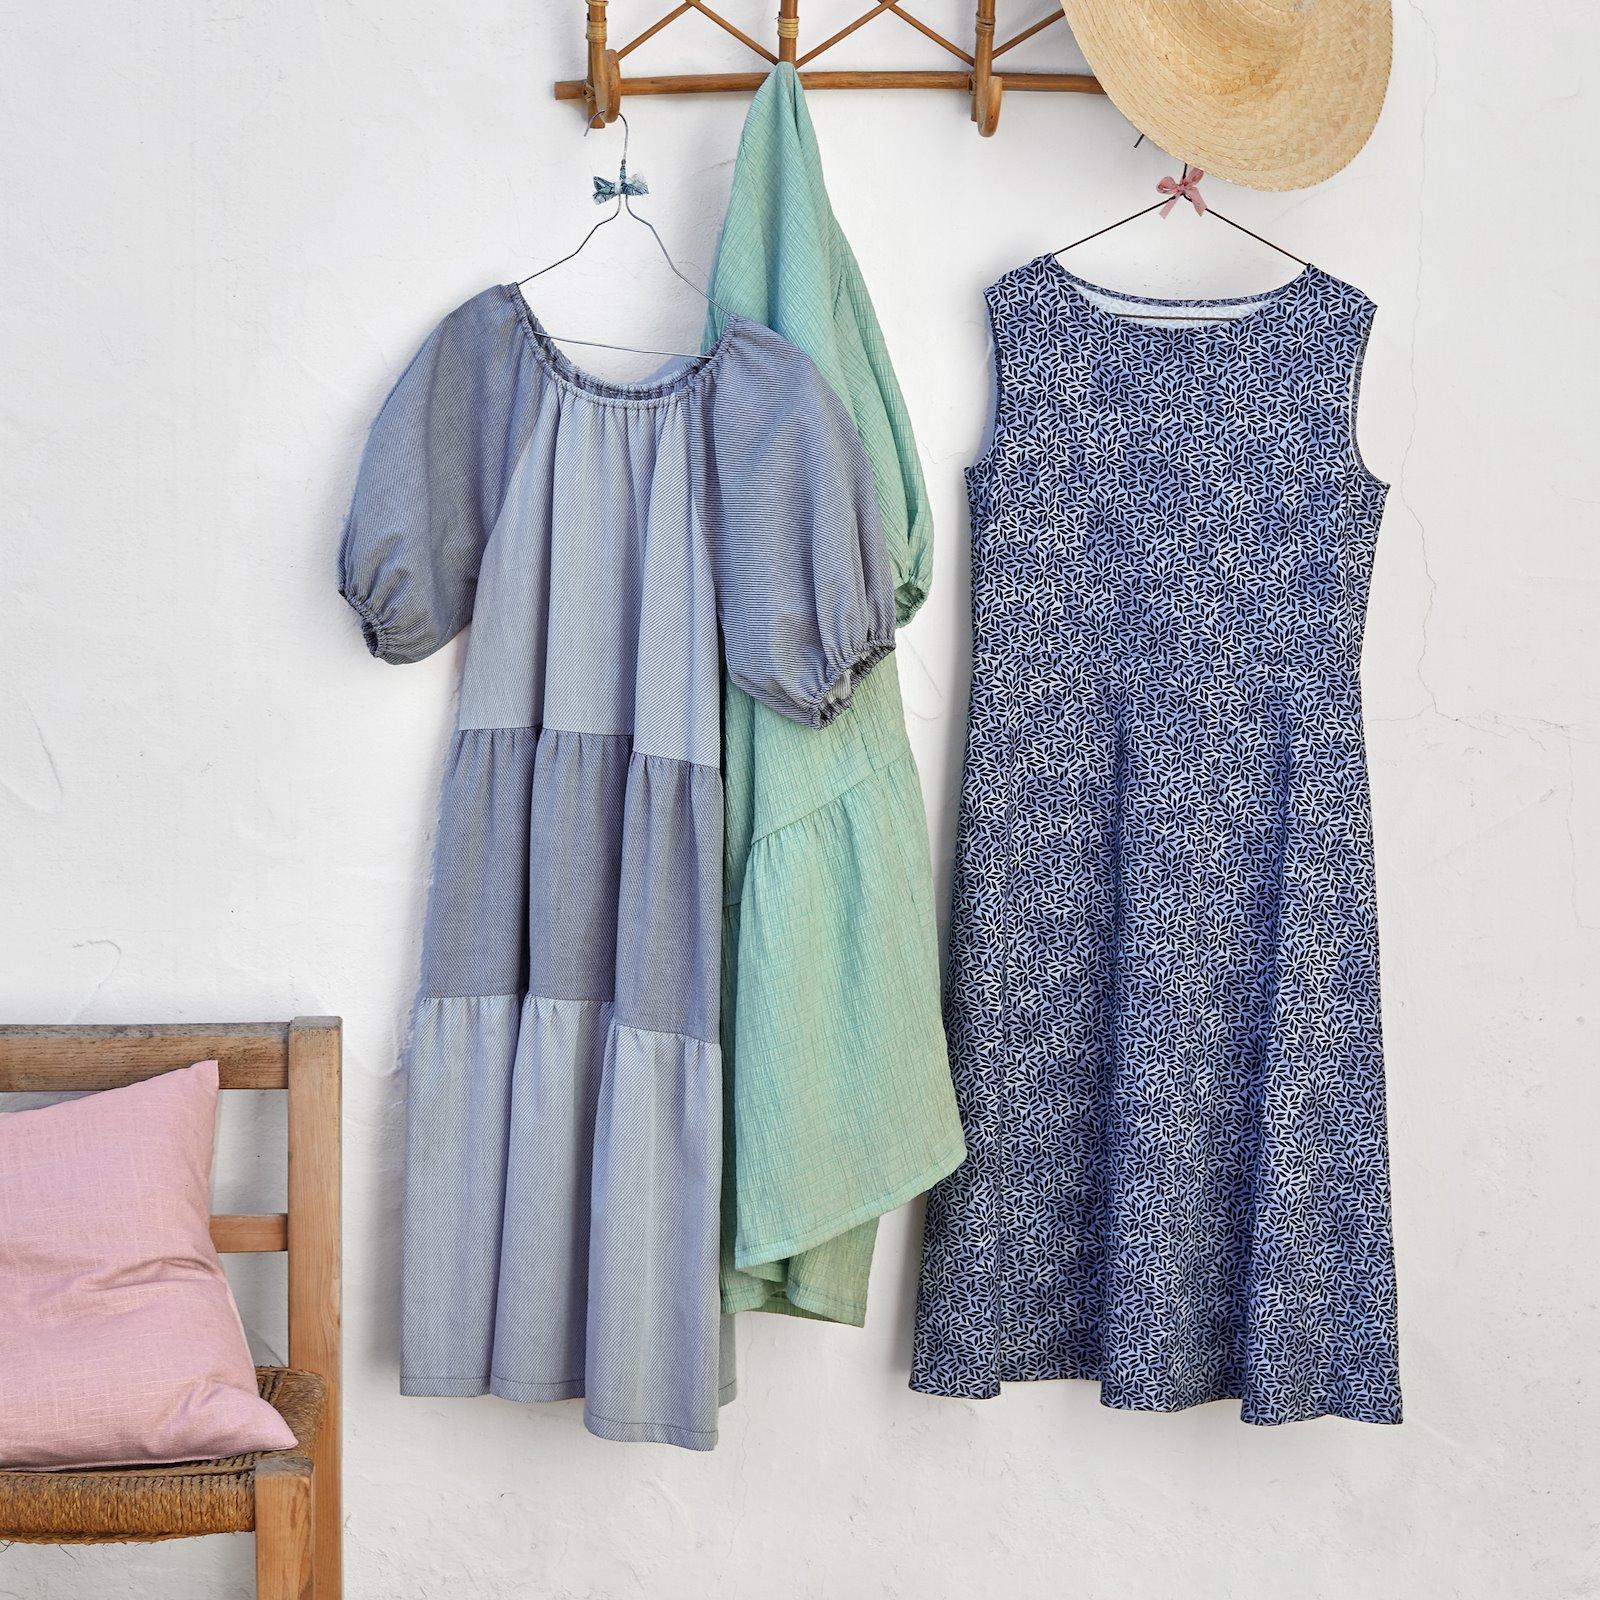 Babydoll dress, 36/8 p23168_852356_501860_560261_90000000_p23154_272689_bundle